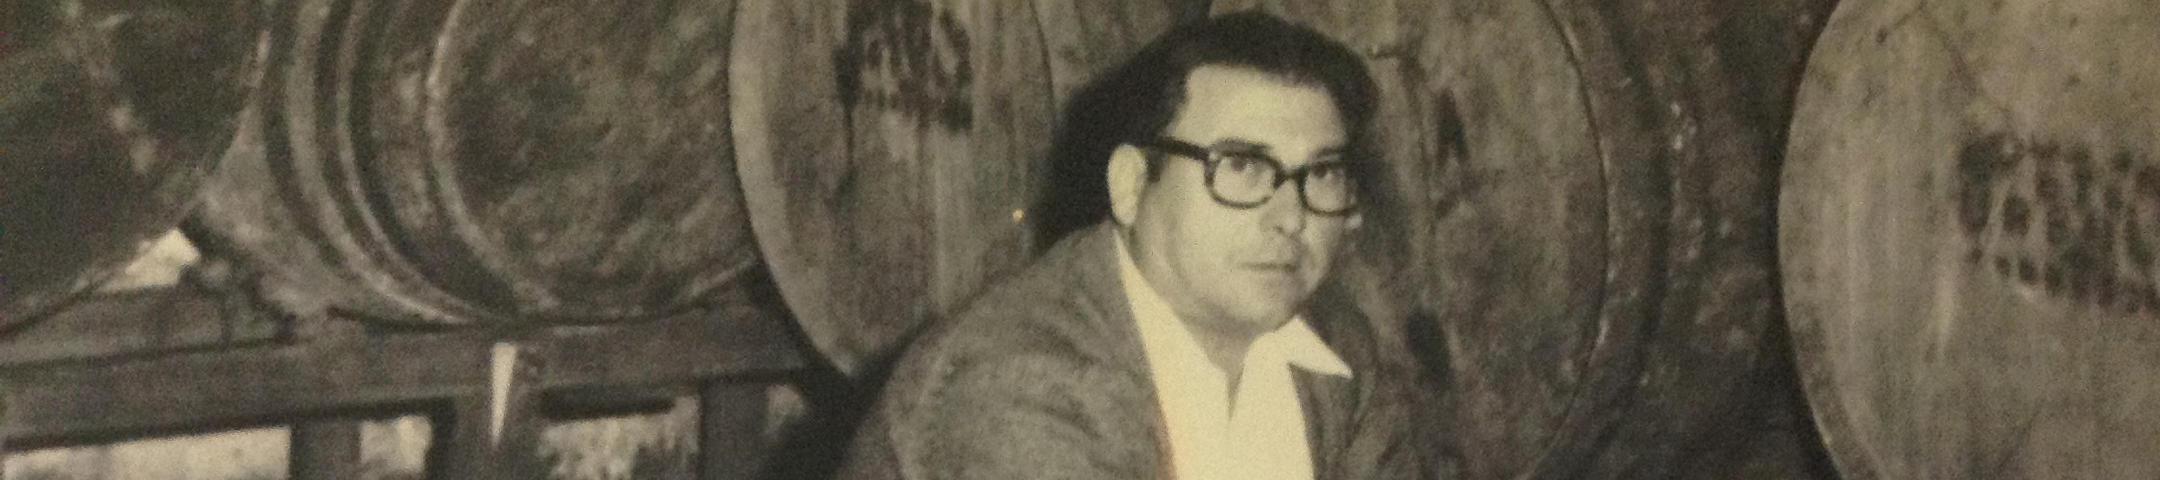 A spotlight on Sucesores de Benito Santos